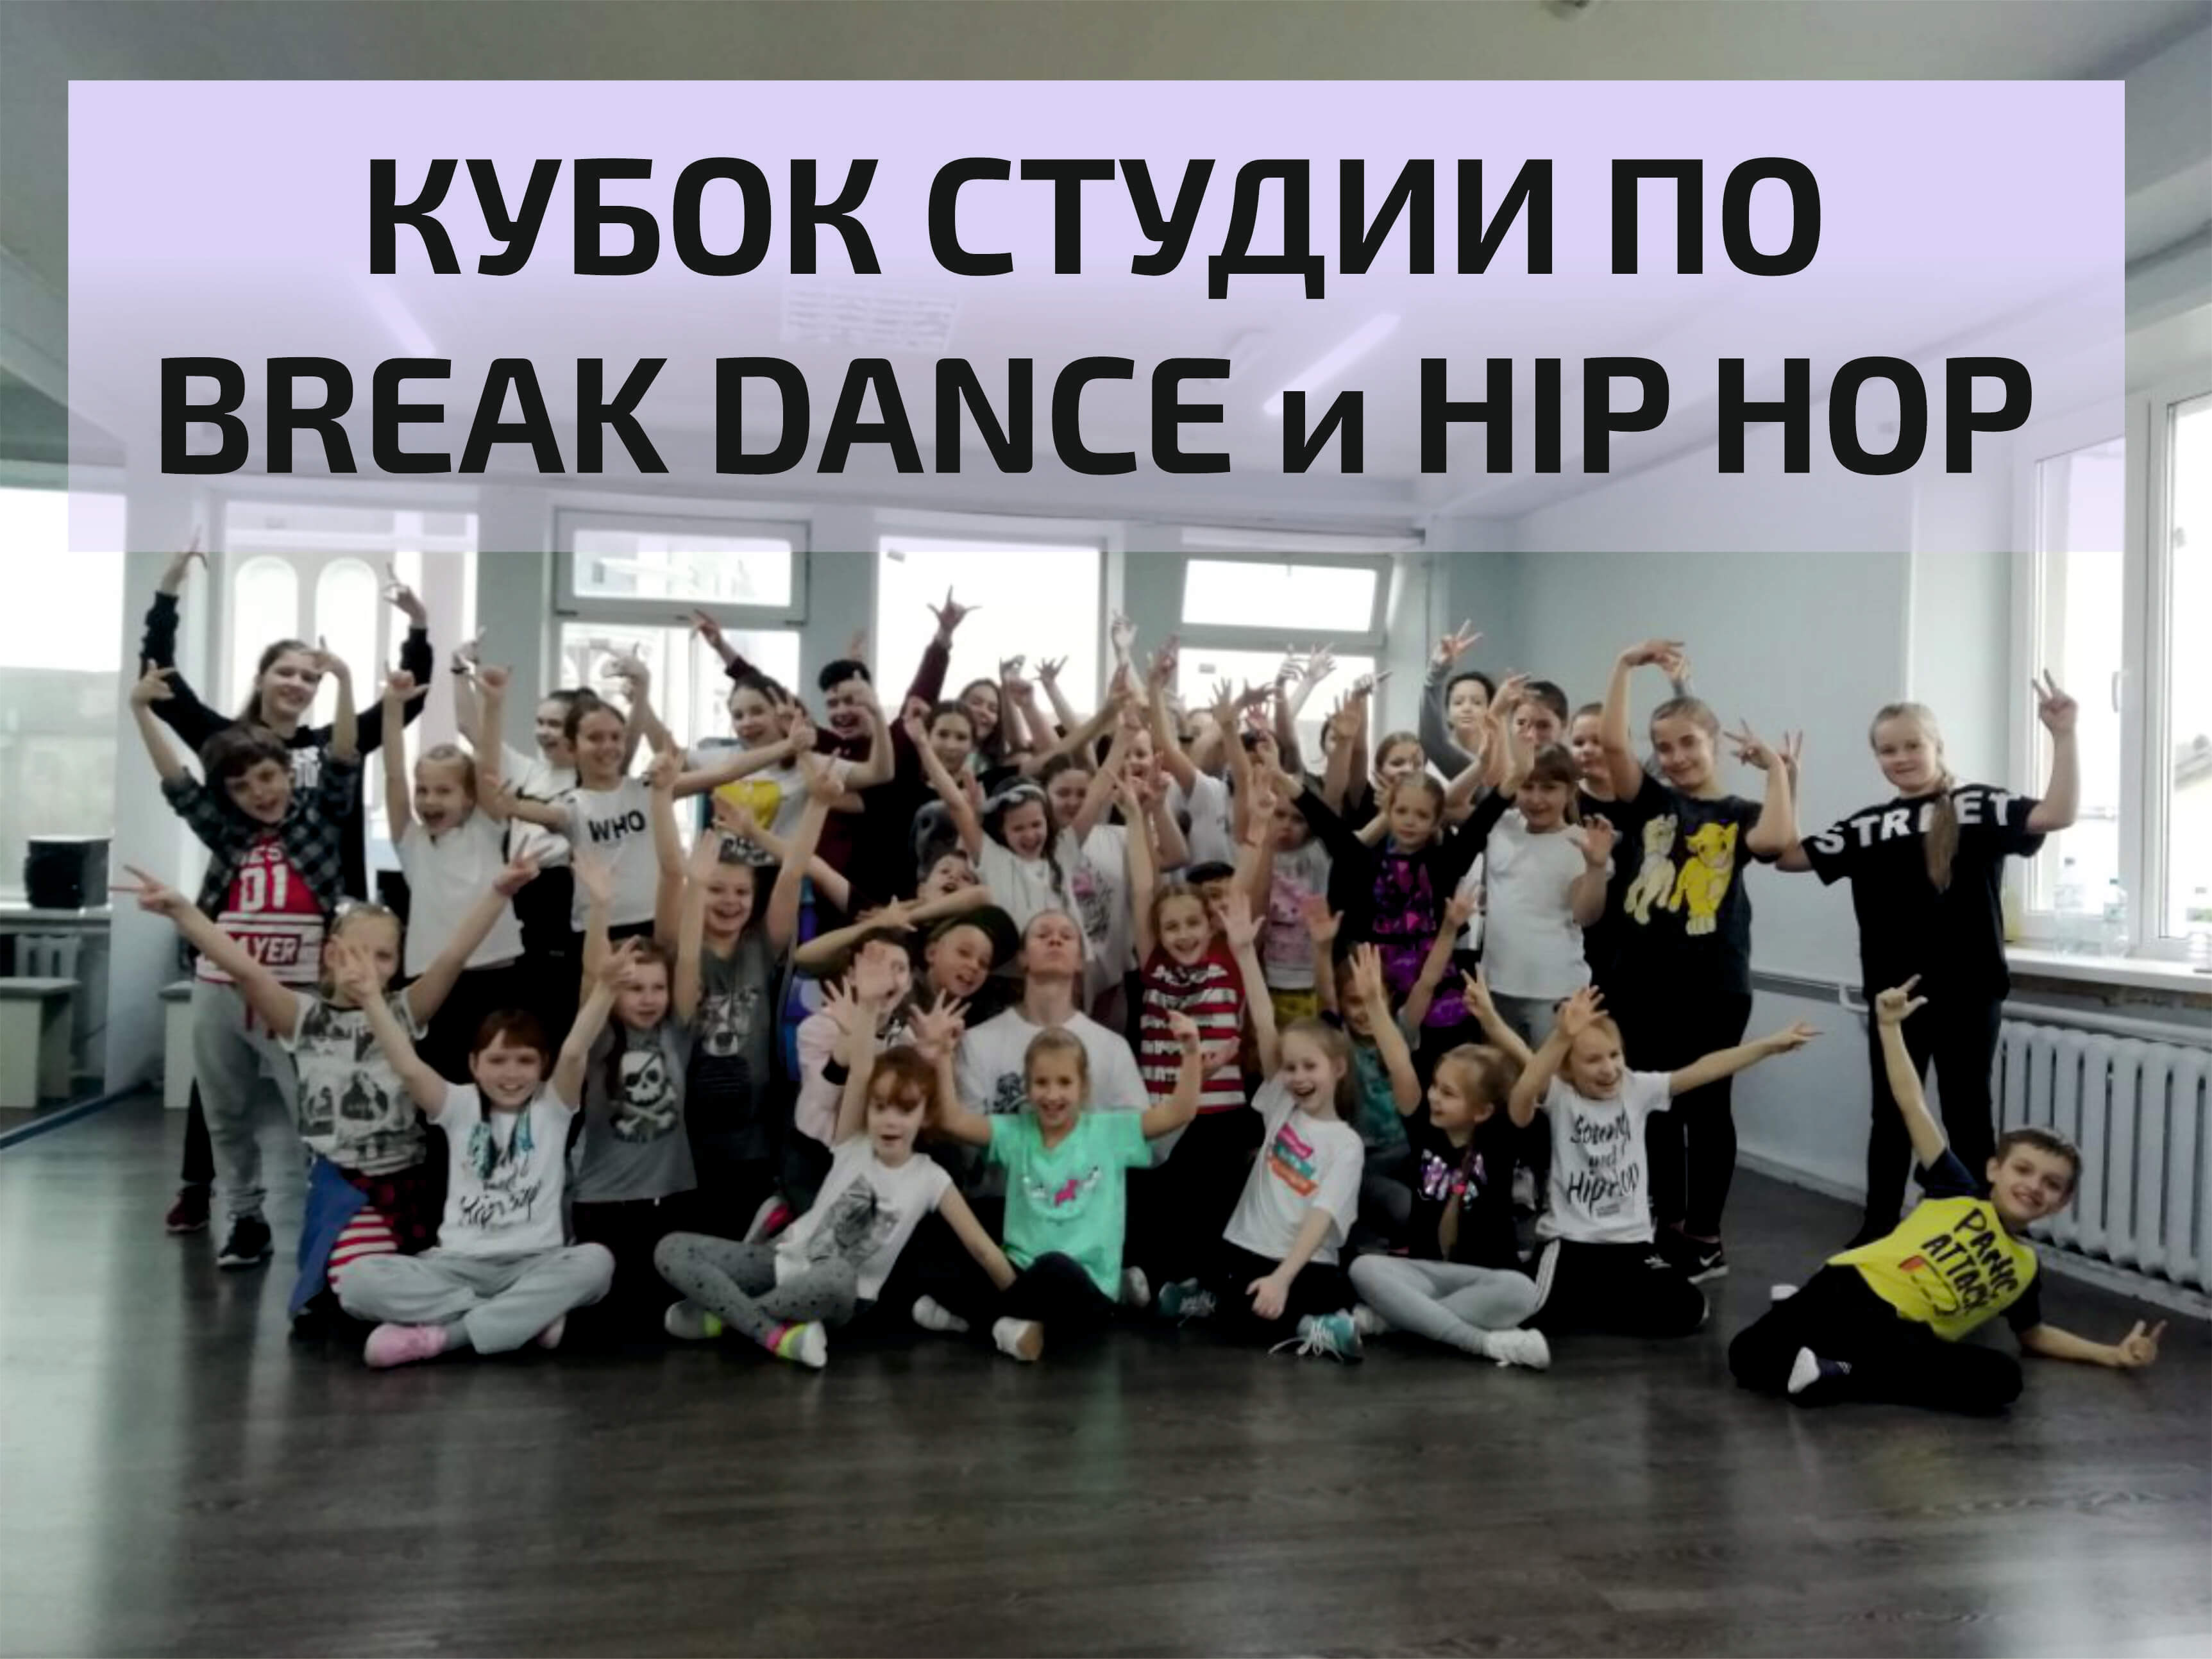 КУБОК СТУДИИ ПО BREAK DANCE и HIP HOP